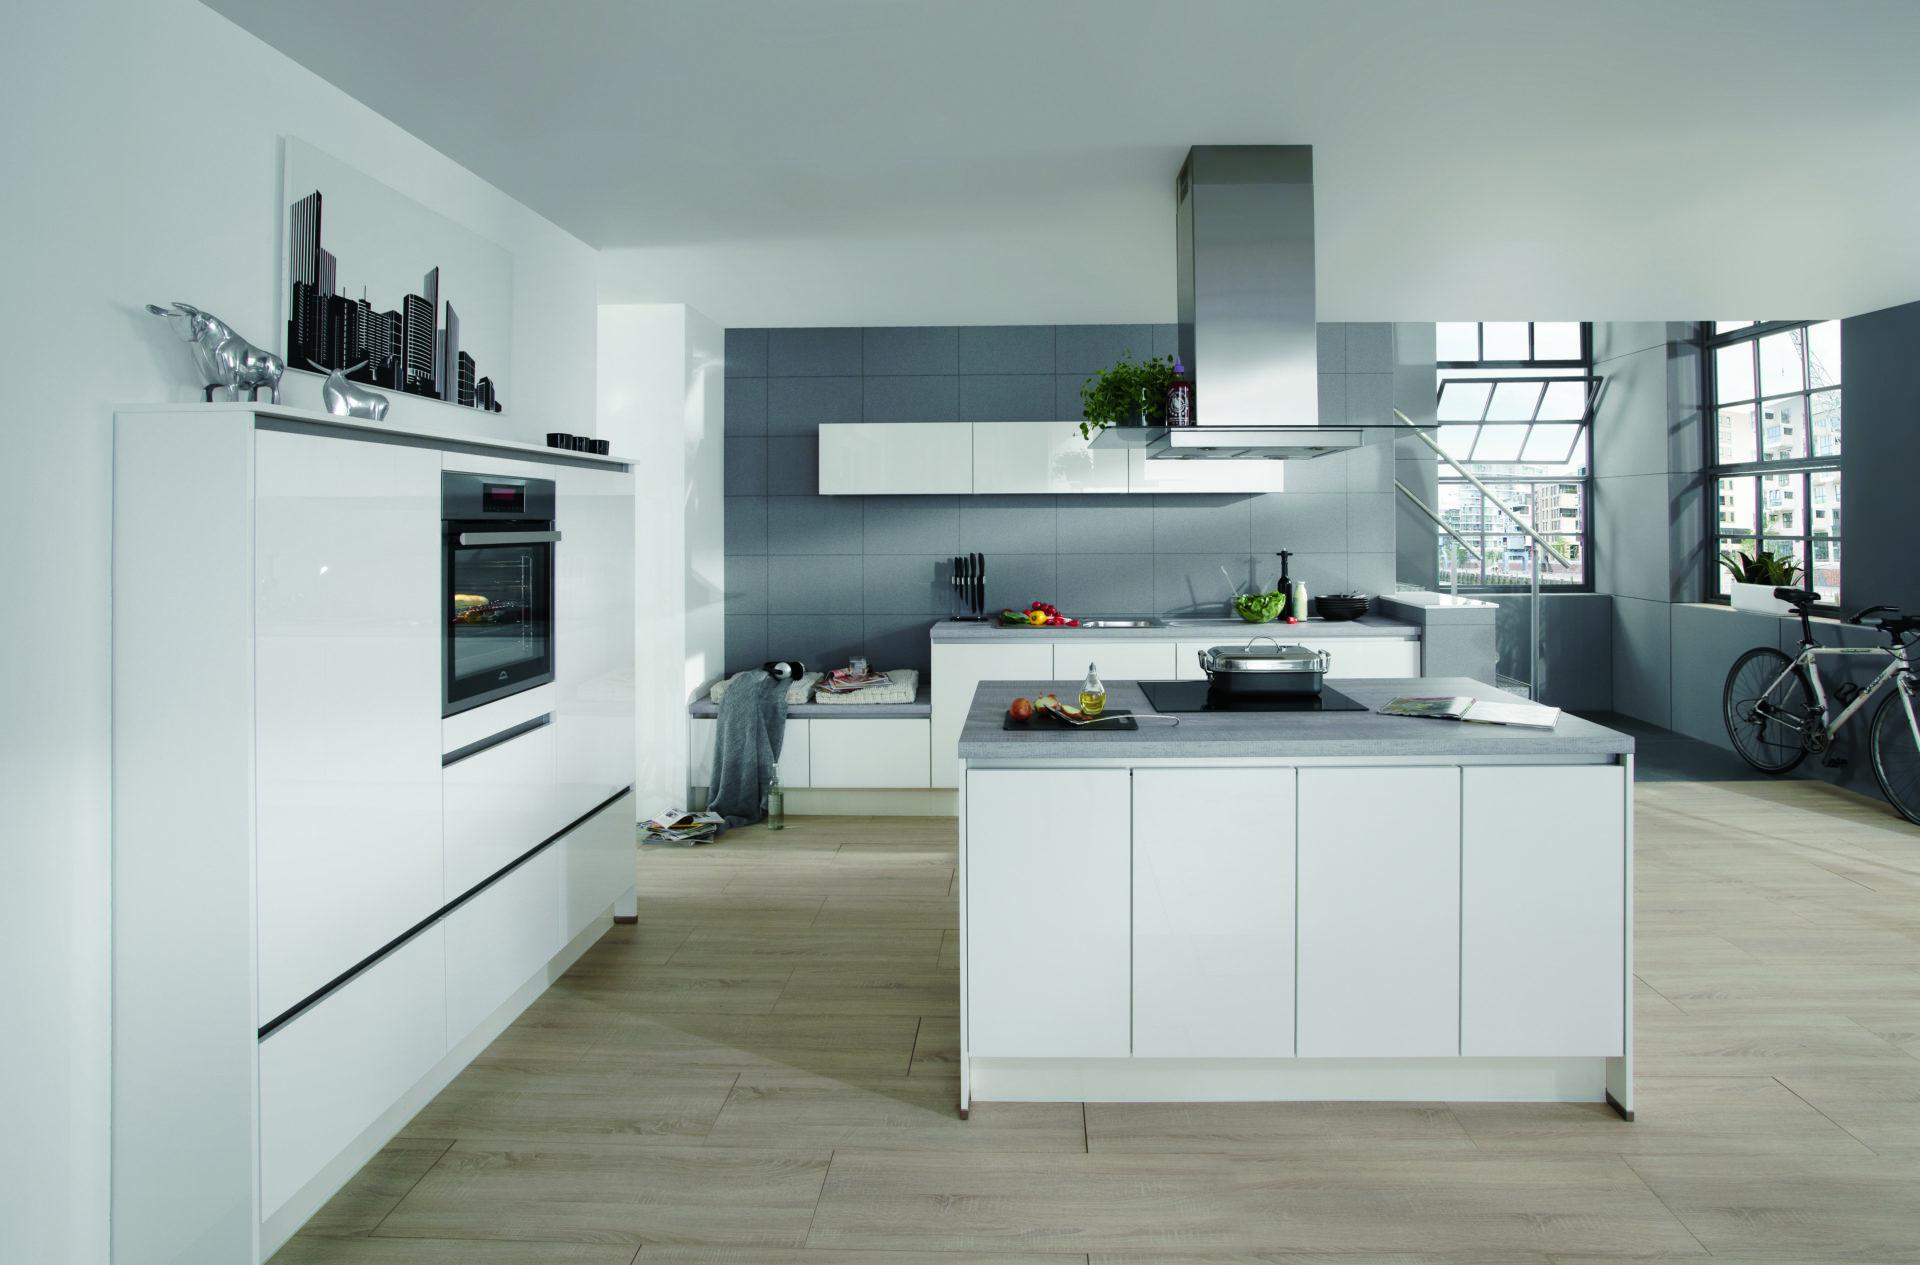 Moderne keukens beleef je bij keukenhuiz in de westereen friesland - Keukens fotos ...